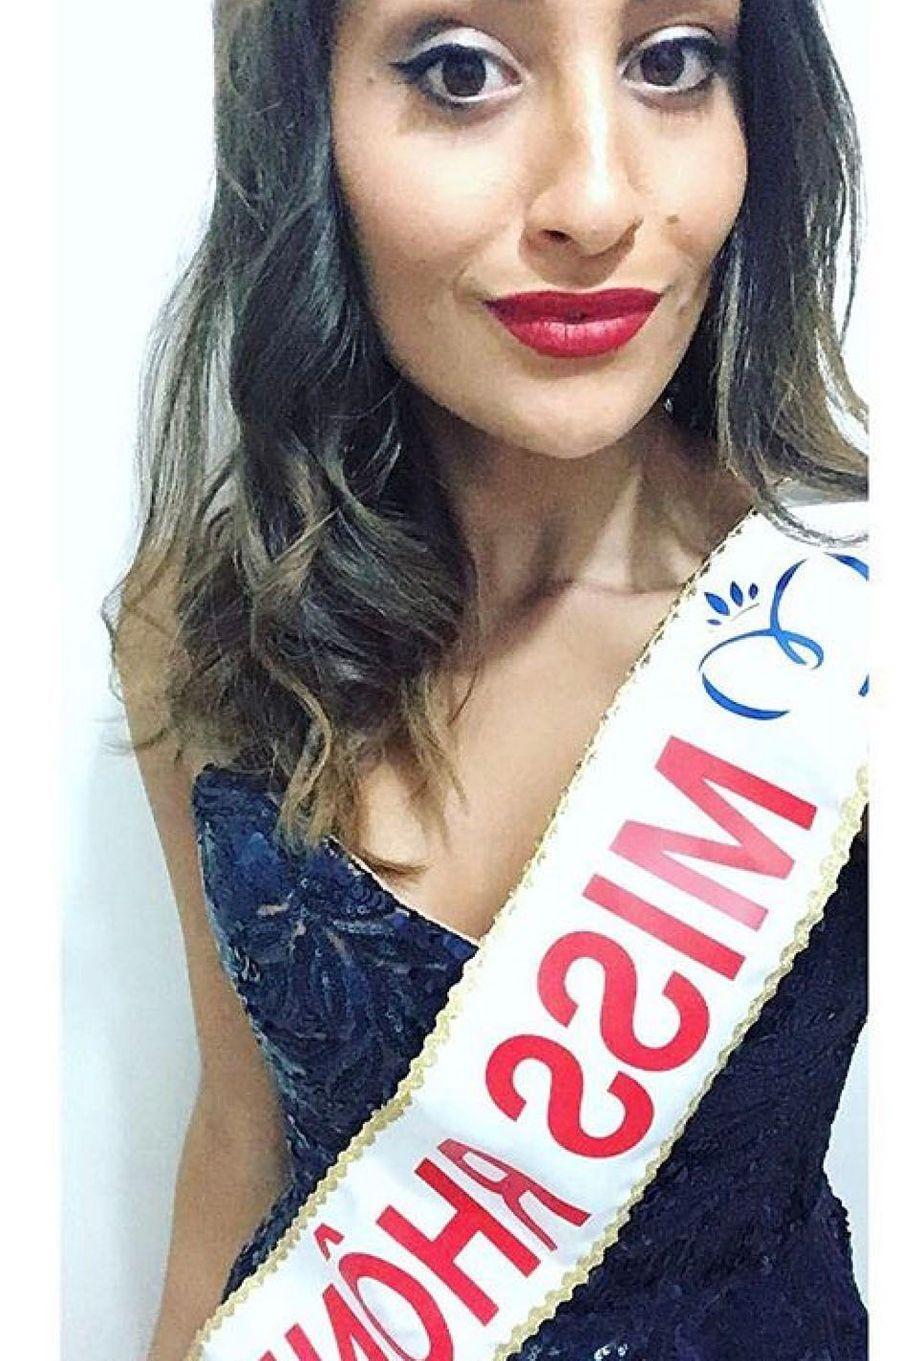 Dalida Benaoudia, Miss Rhône-Alpes 2017.